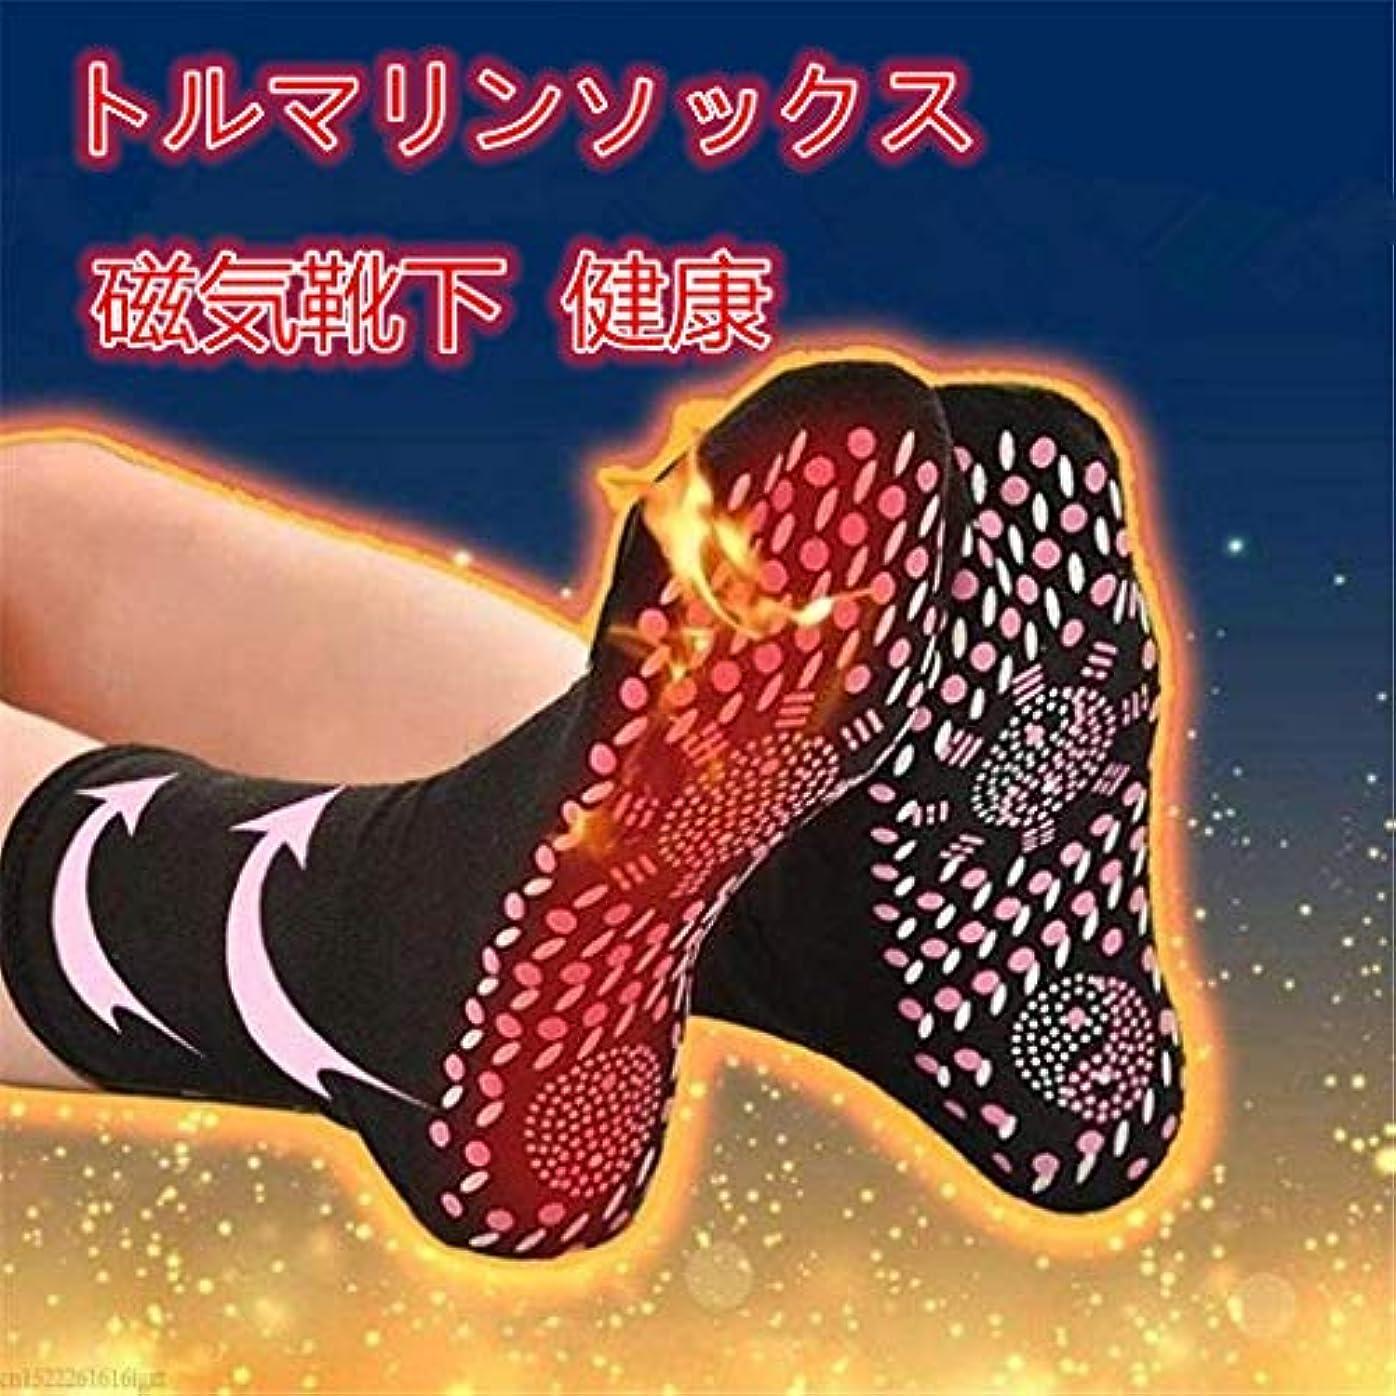 雄大な音声学インク健康靴下痛み止め 自己発熱ソックス 磁気治療靴下 マッサージ ソックス トルマリン磁気靴下 滑り止め付 血液循環促進 湿気取り除き 冷たさ払拭 痛み和らげ 磁気療法ソックス 通気性